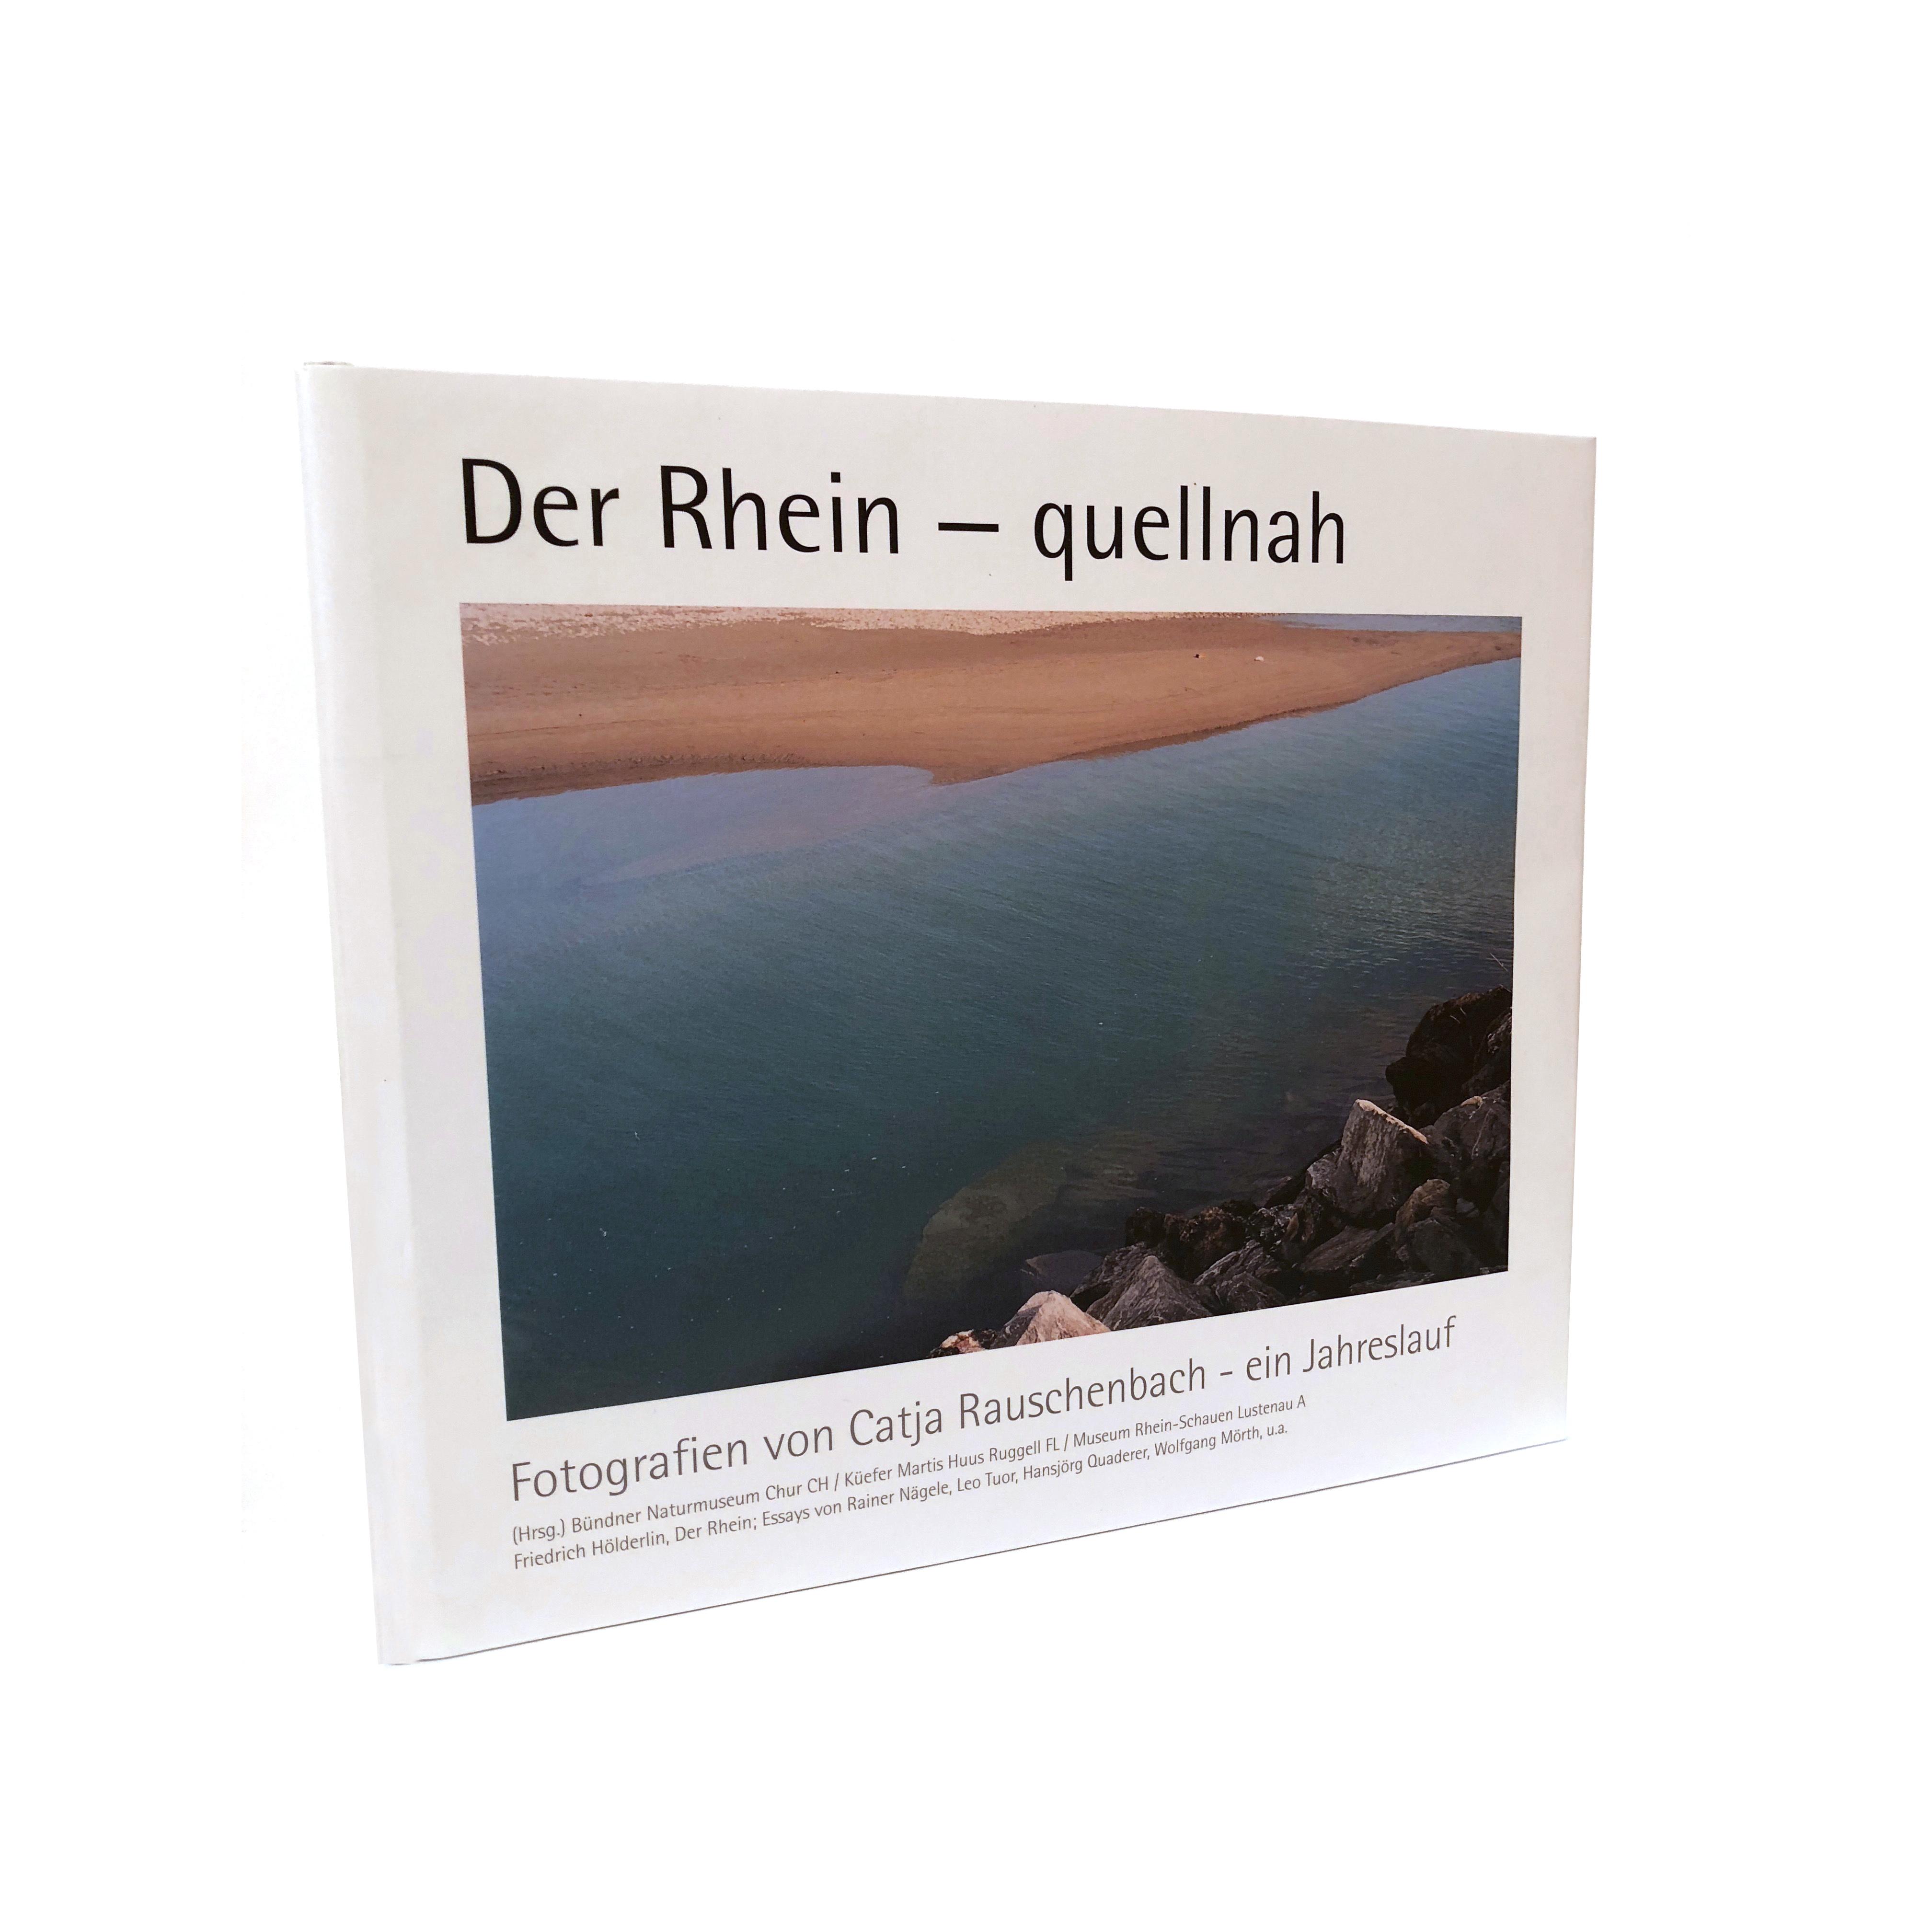 Der Rhein – quellnah.